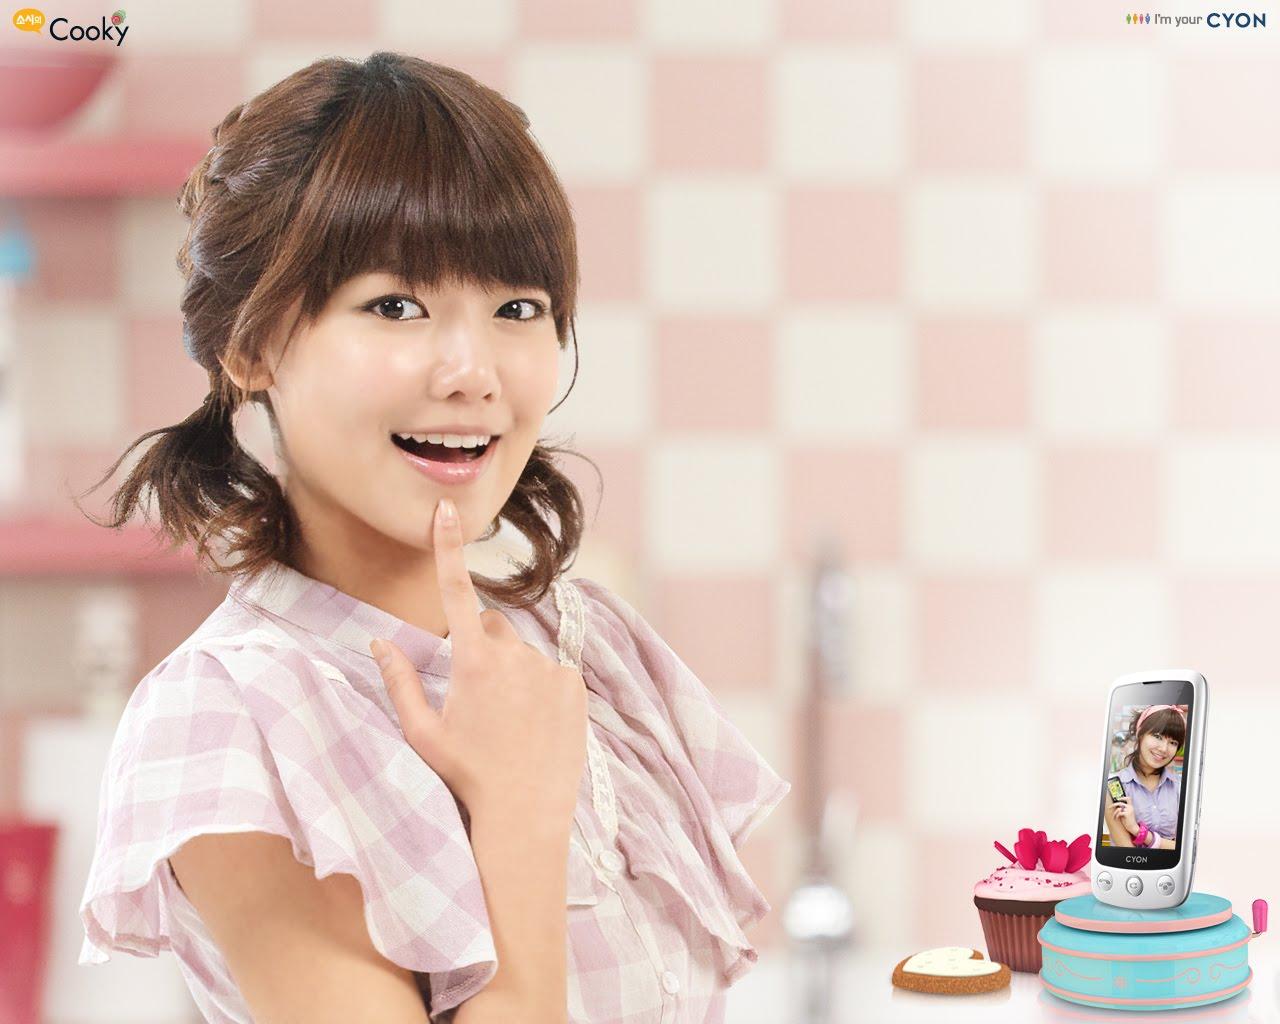 Nyuh Shi Dae] Cooky @ CYONWallpaper Girls' Generation [So Nyuh Shi Dae ...